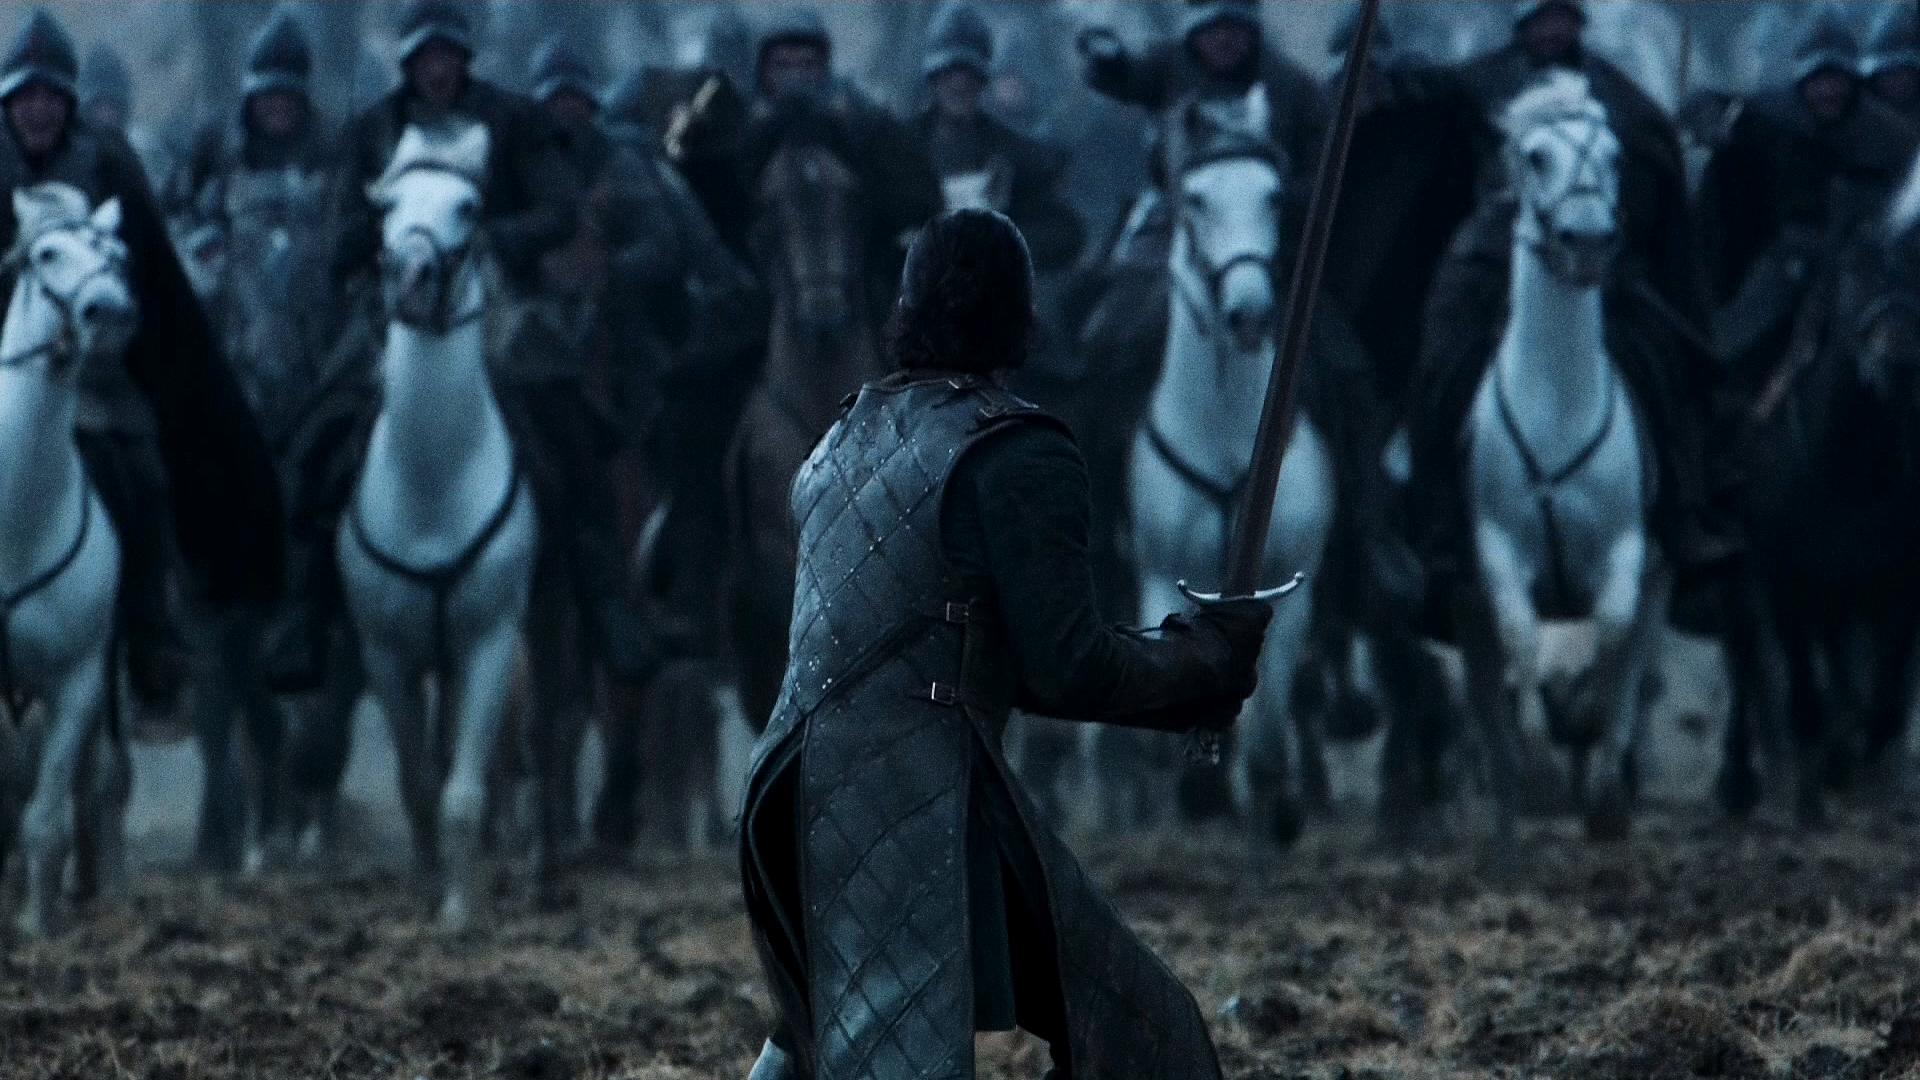 Best Jon Snow Game Of Thrones Wallpaper 2017 61930 Wallpaper 1920x1080